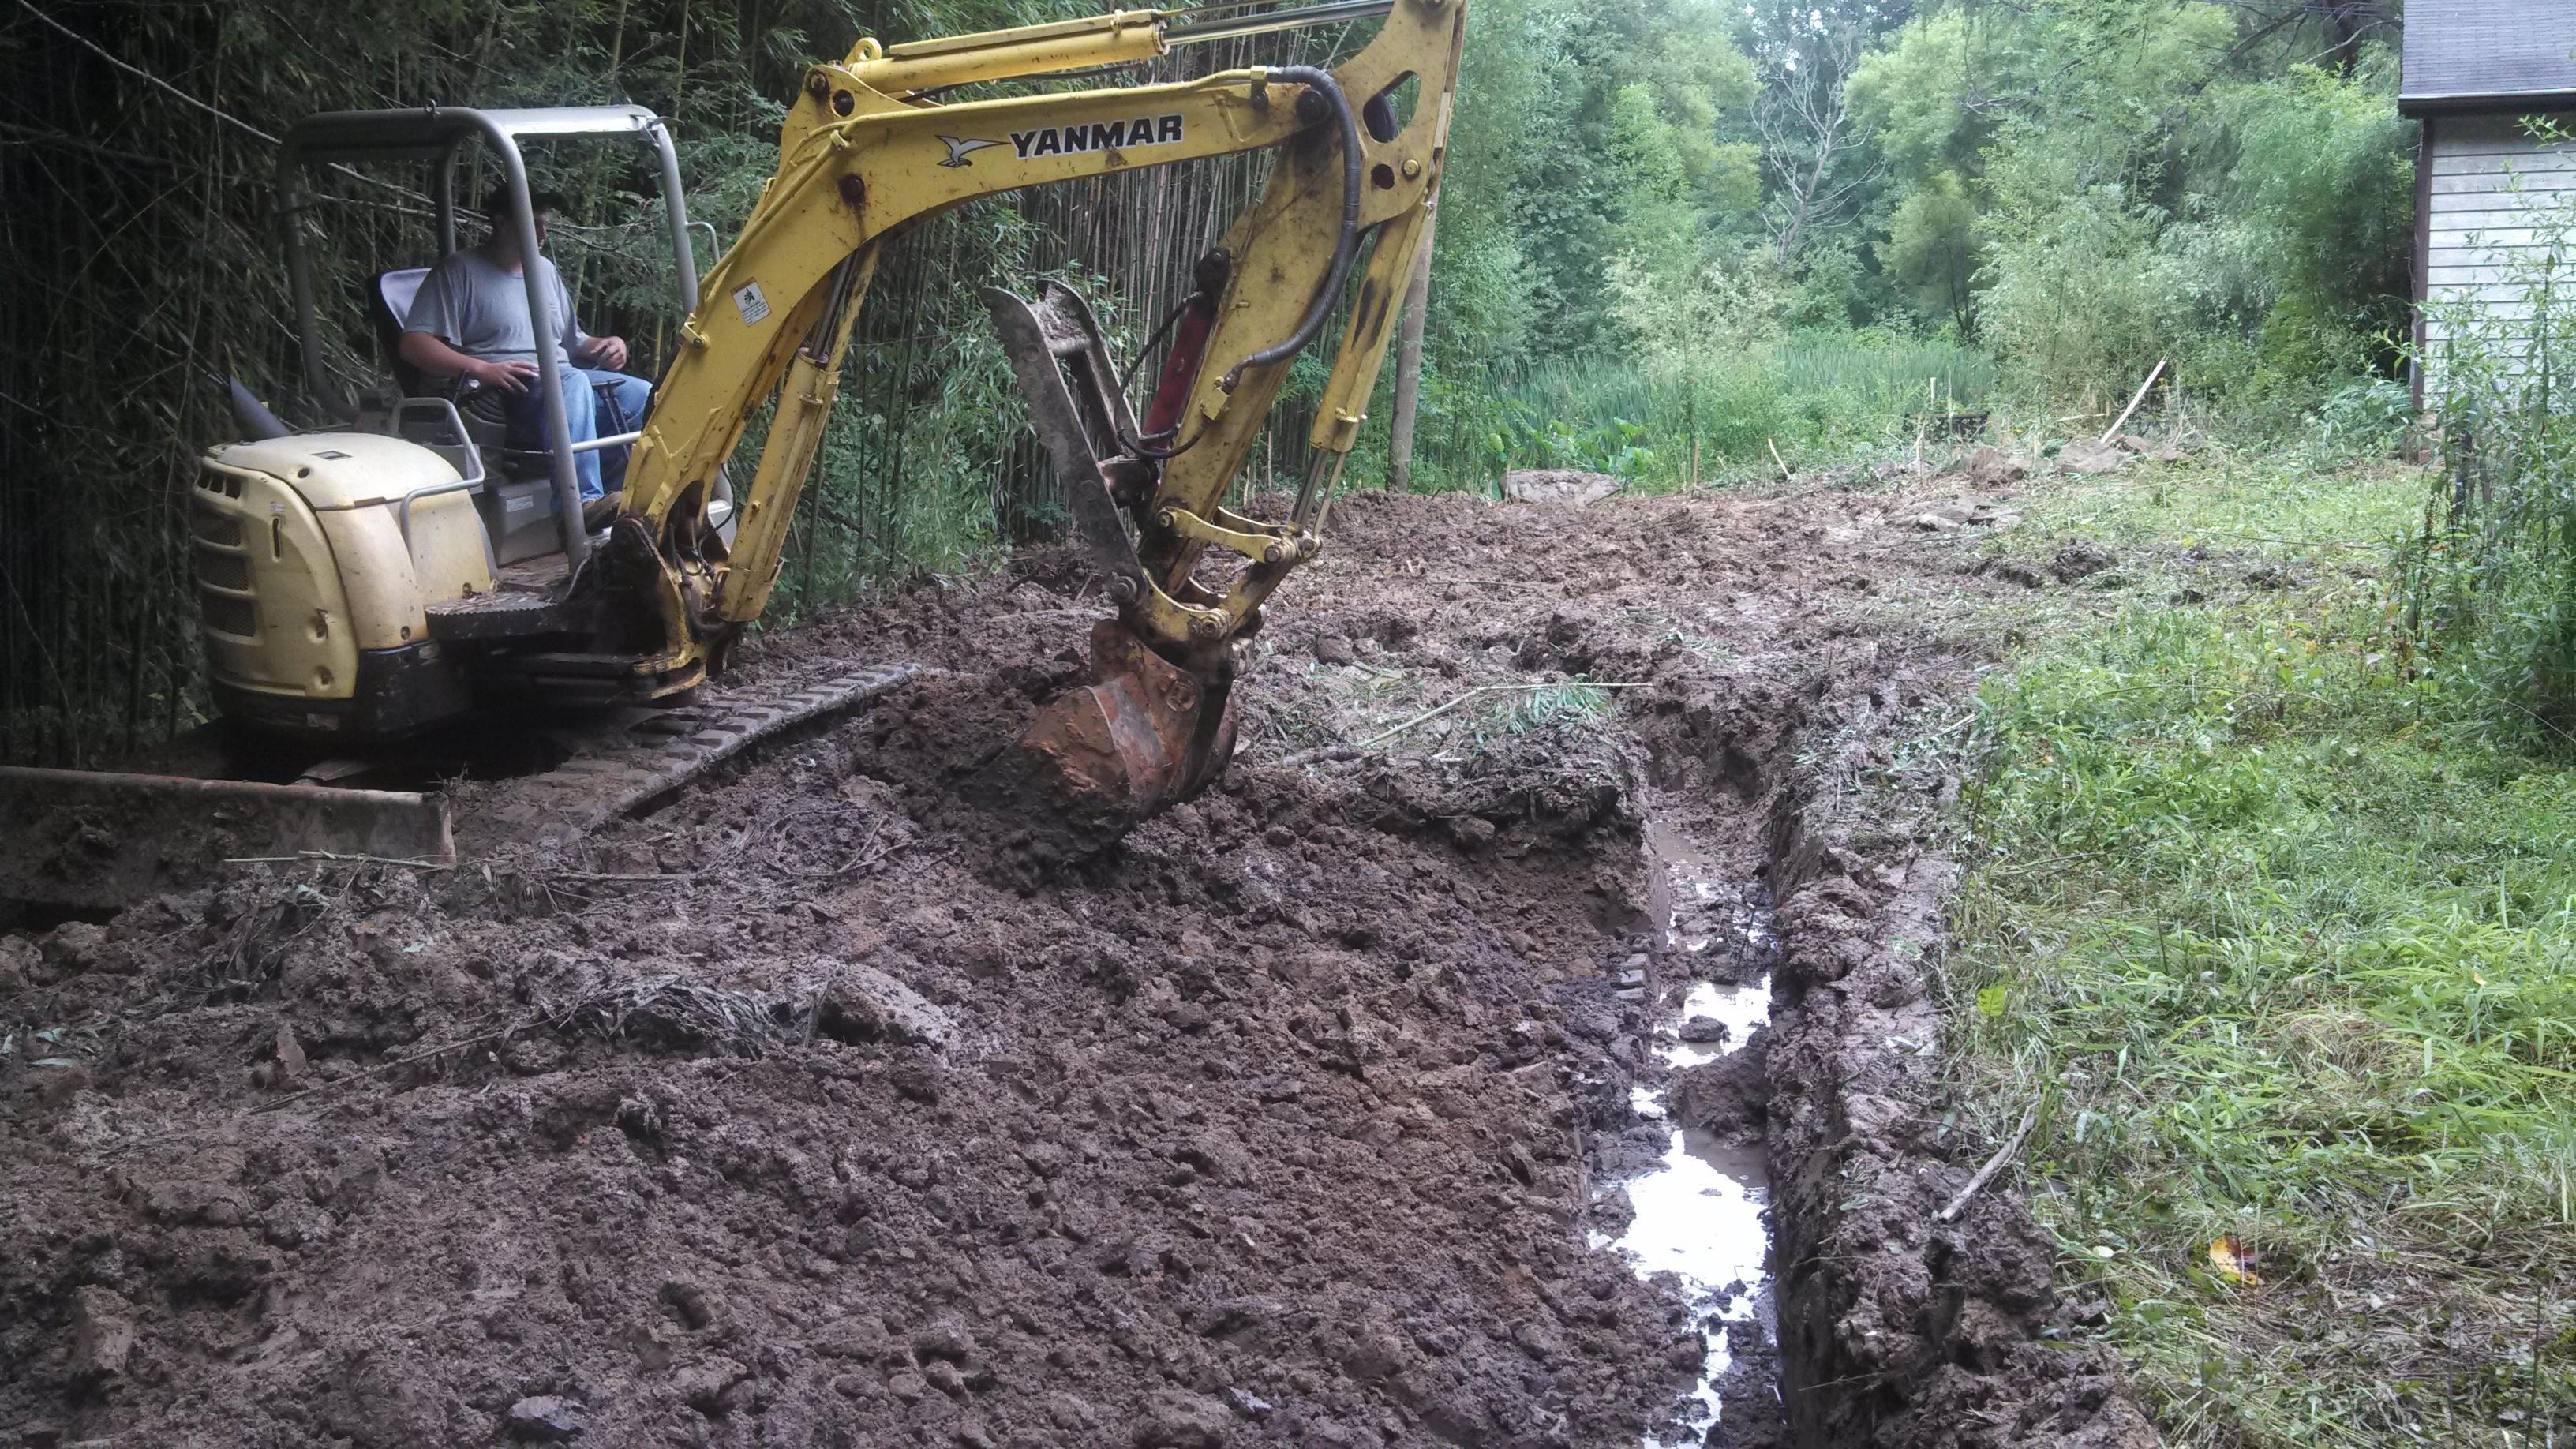 Backwoods Grading Landscape & Excavation - ad image